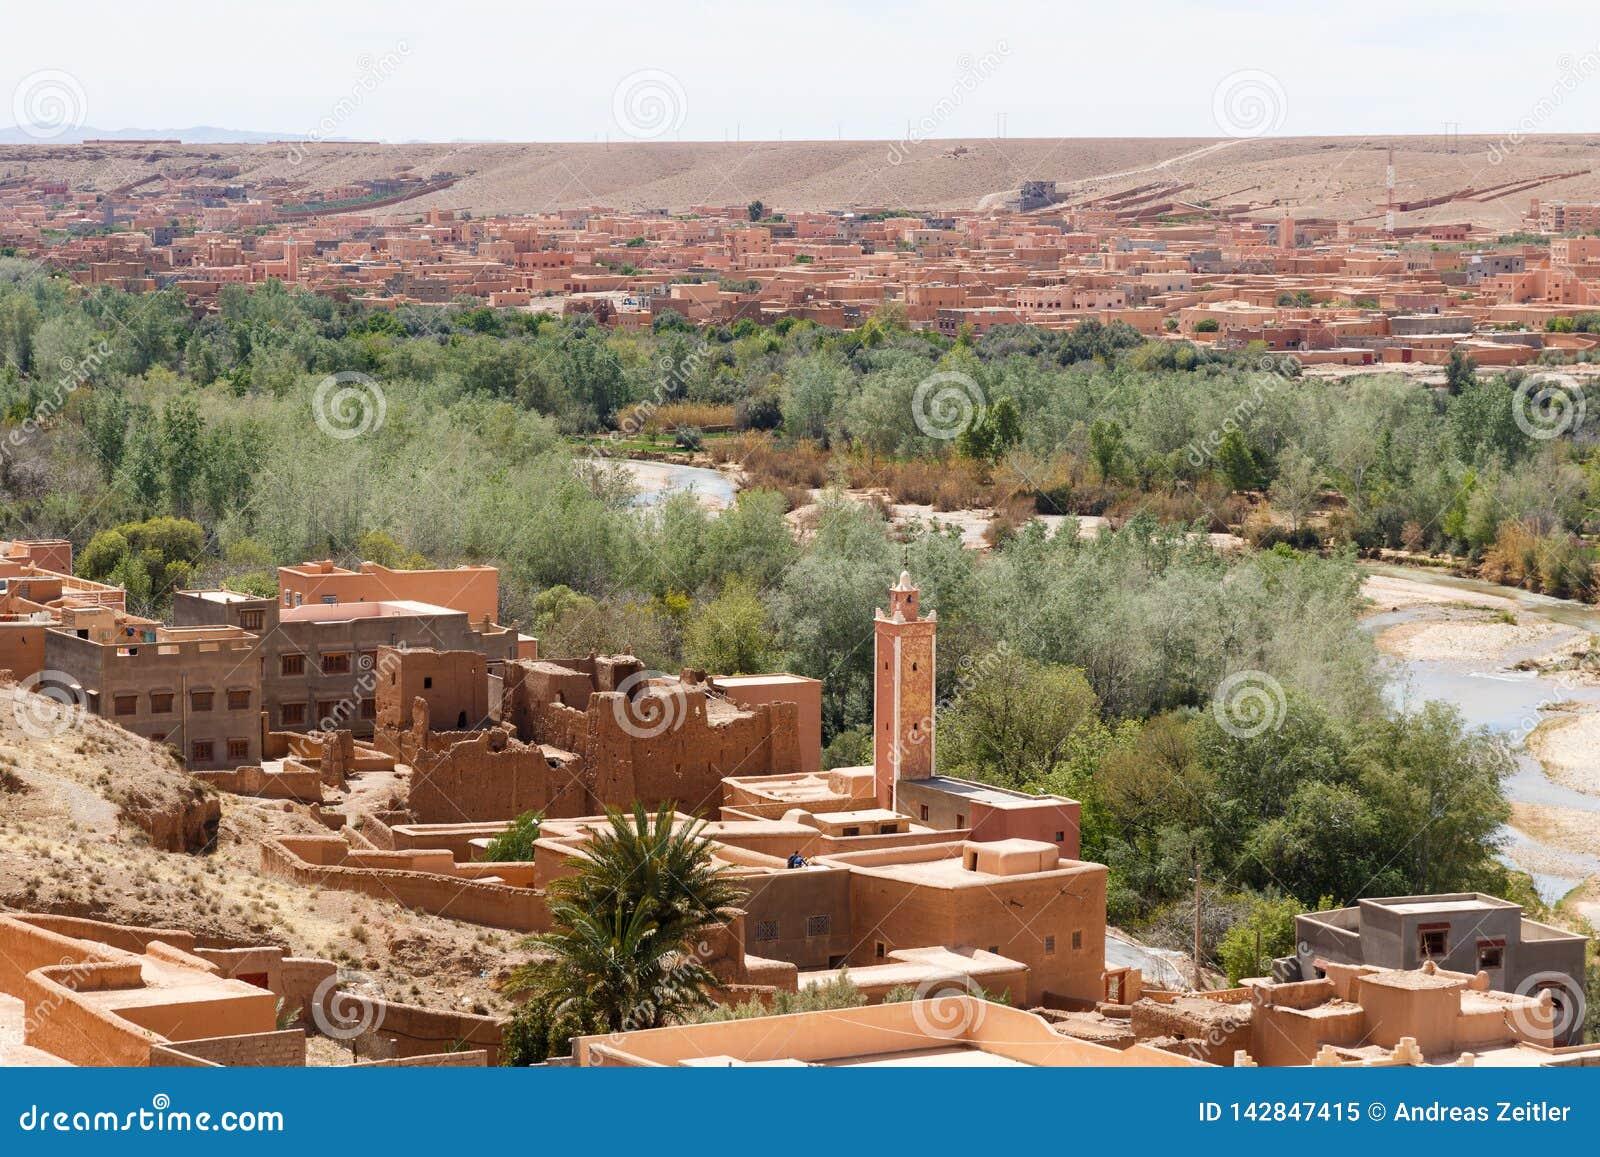 De versterkte stad langs de vroegere caravanroute tussen de Sahara en Marrakech in Marokko met sneeuw behandelde Atlasbergketen